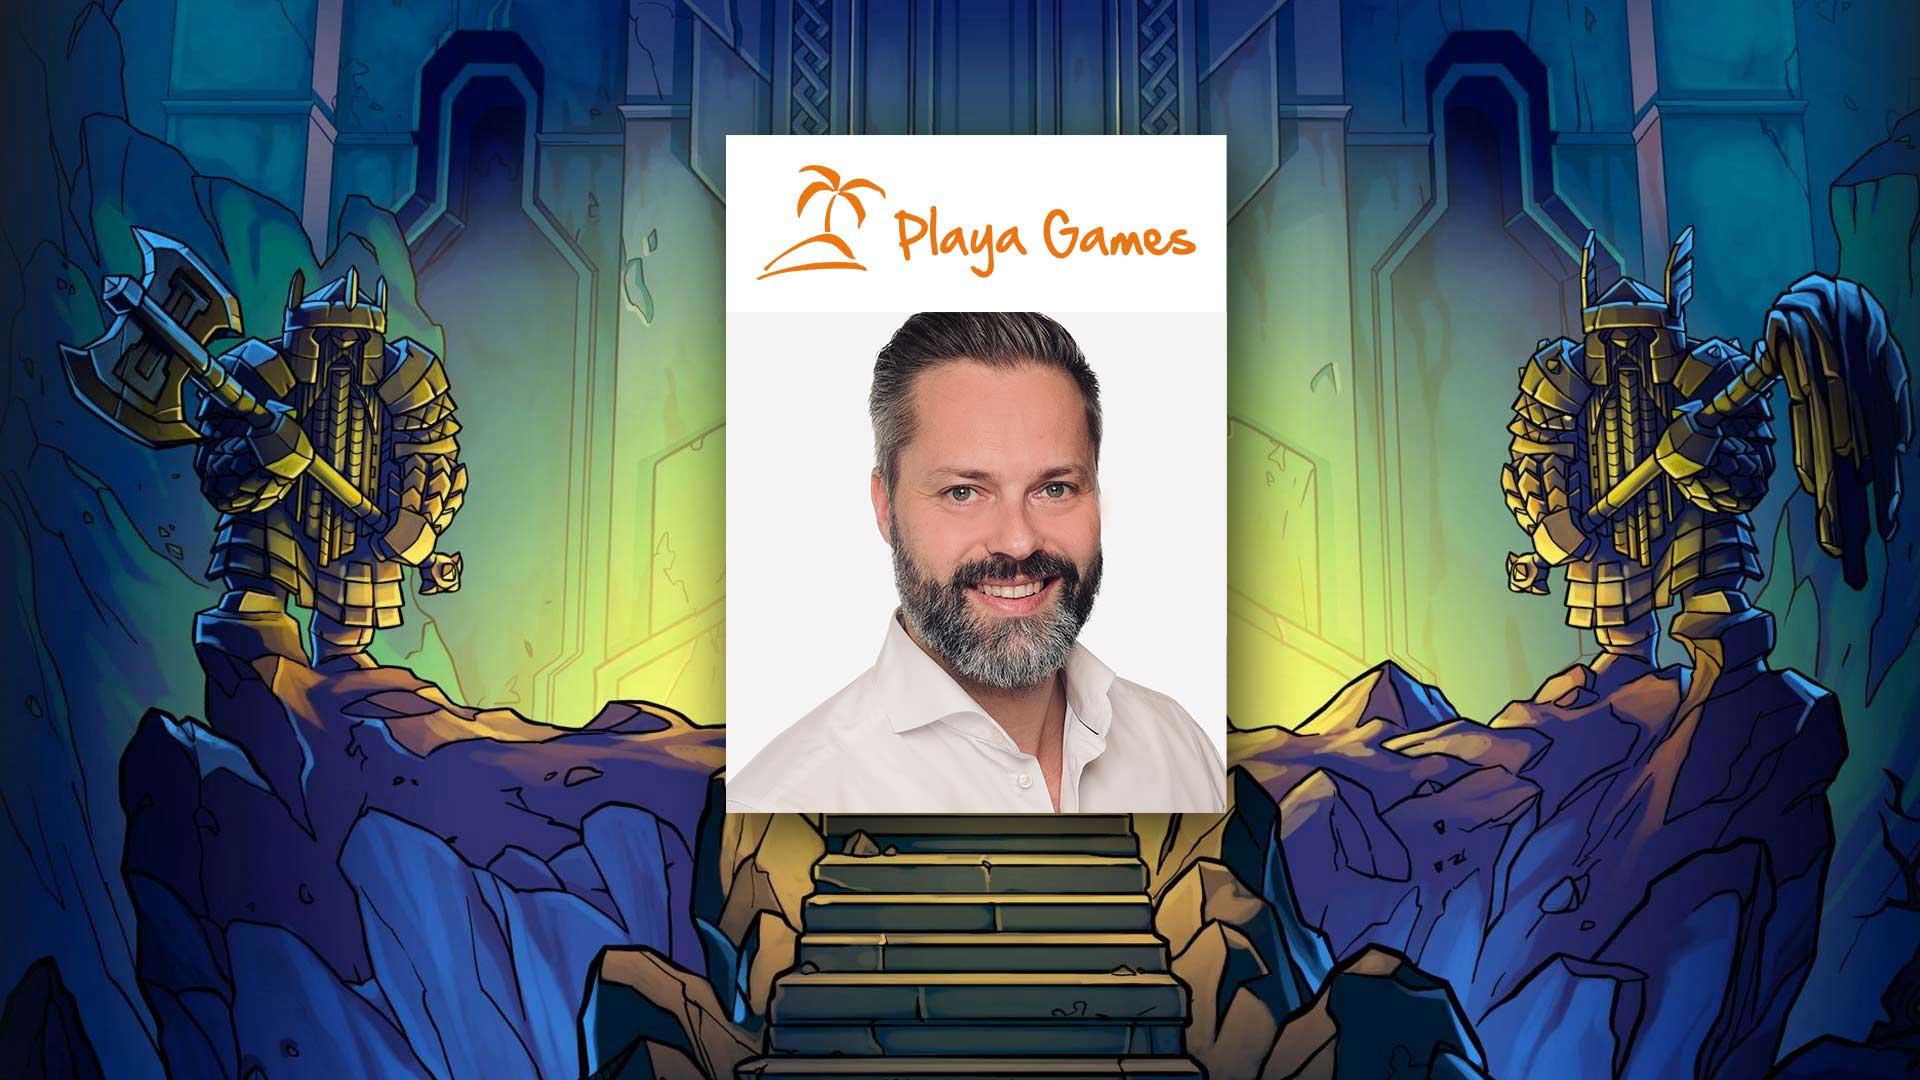 playa games Thorsten Rohmann ceo